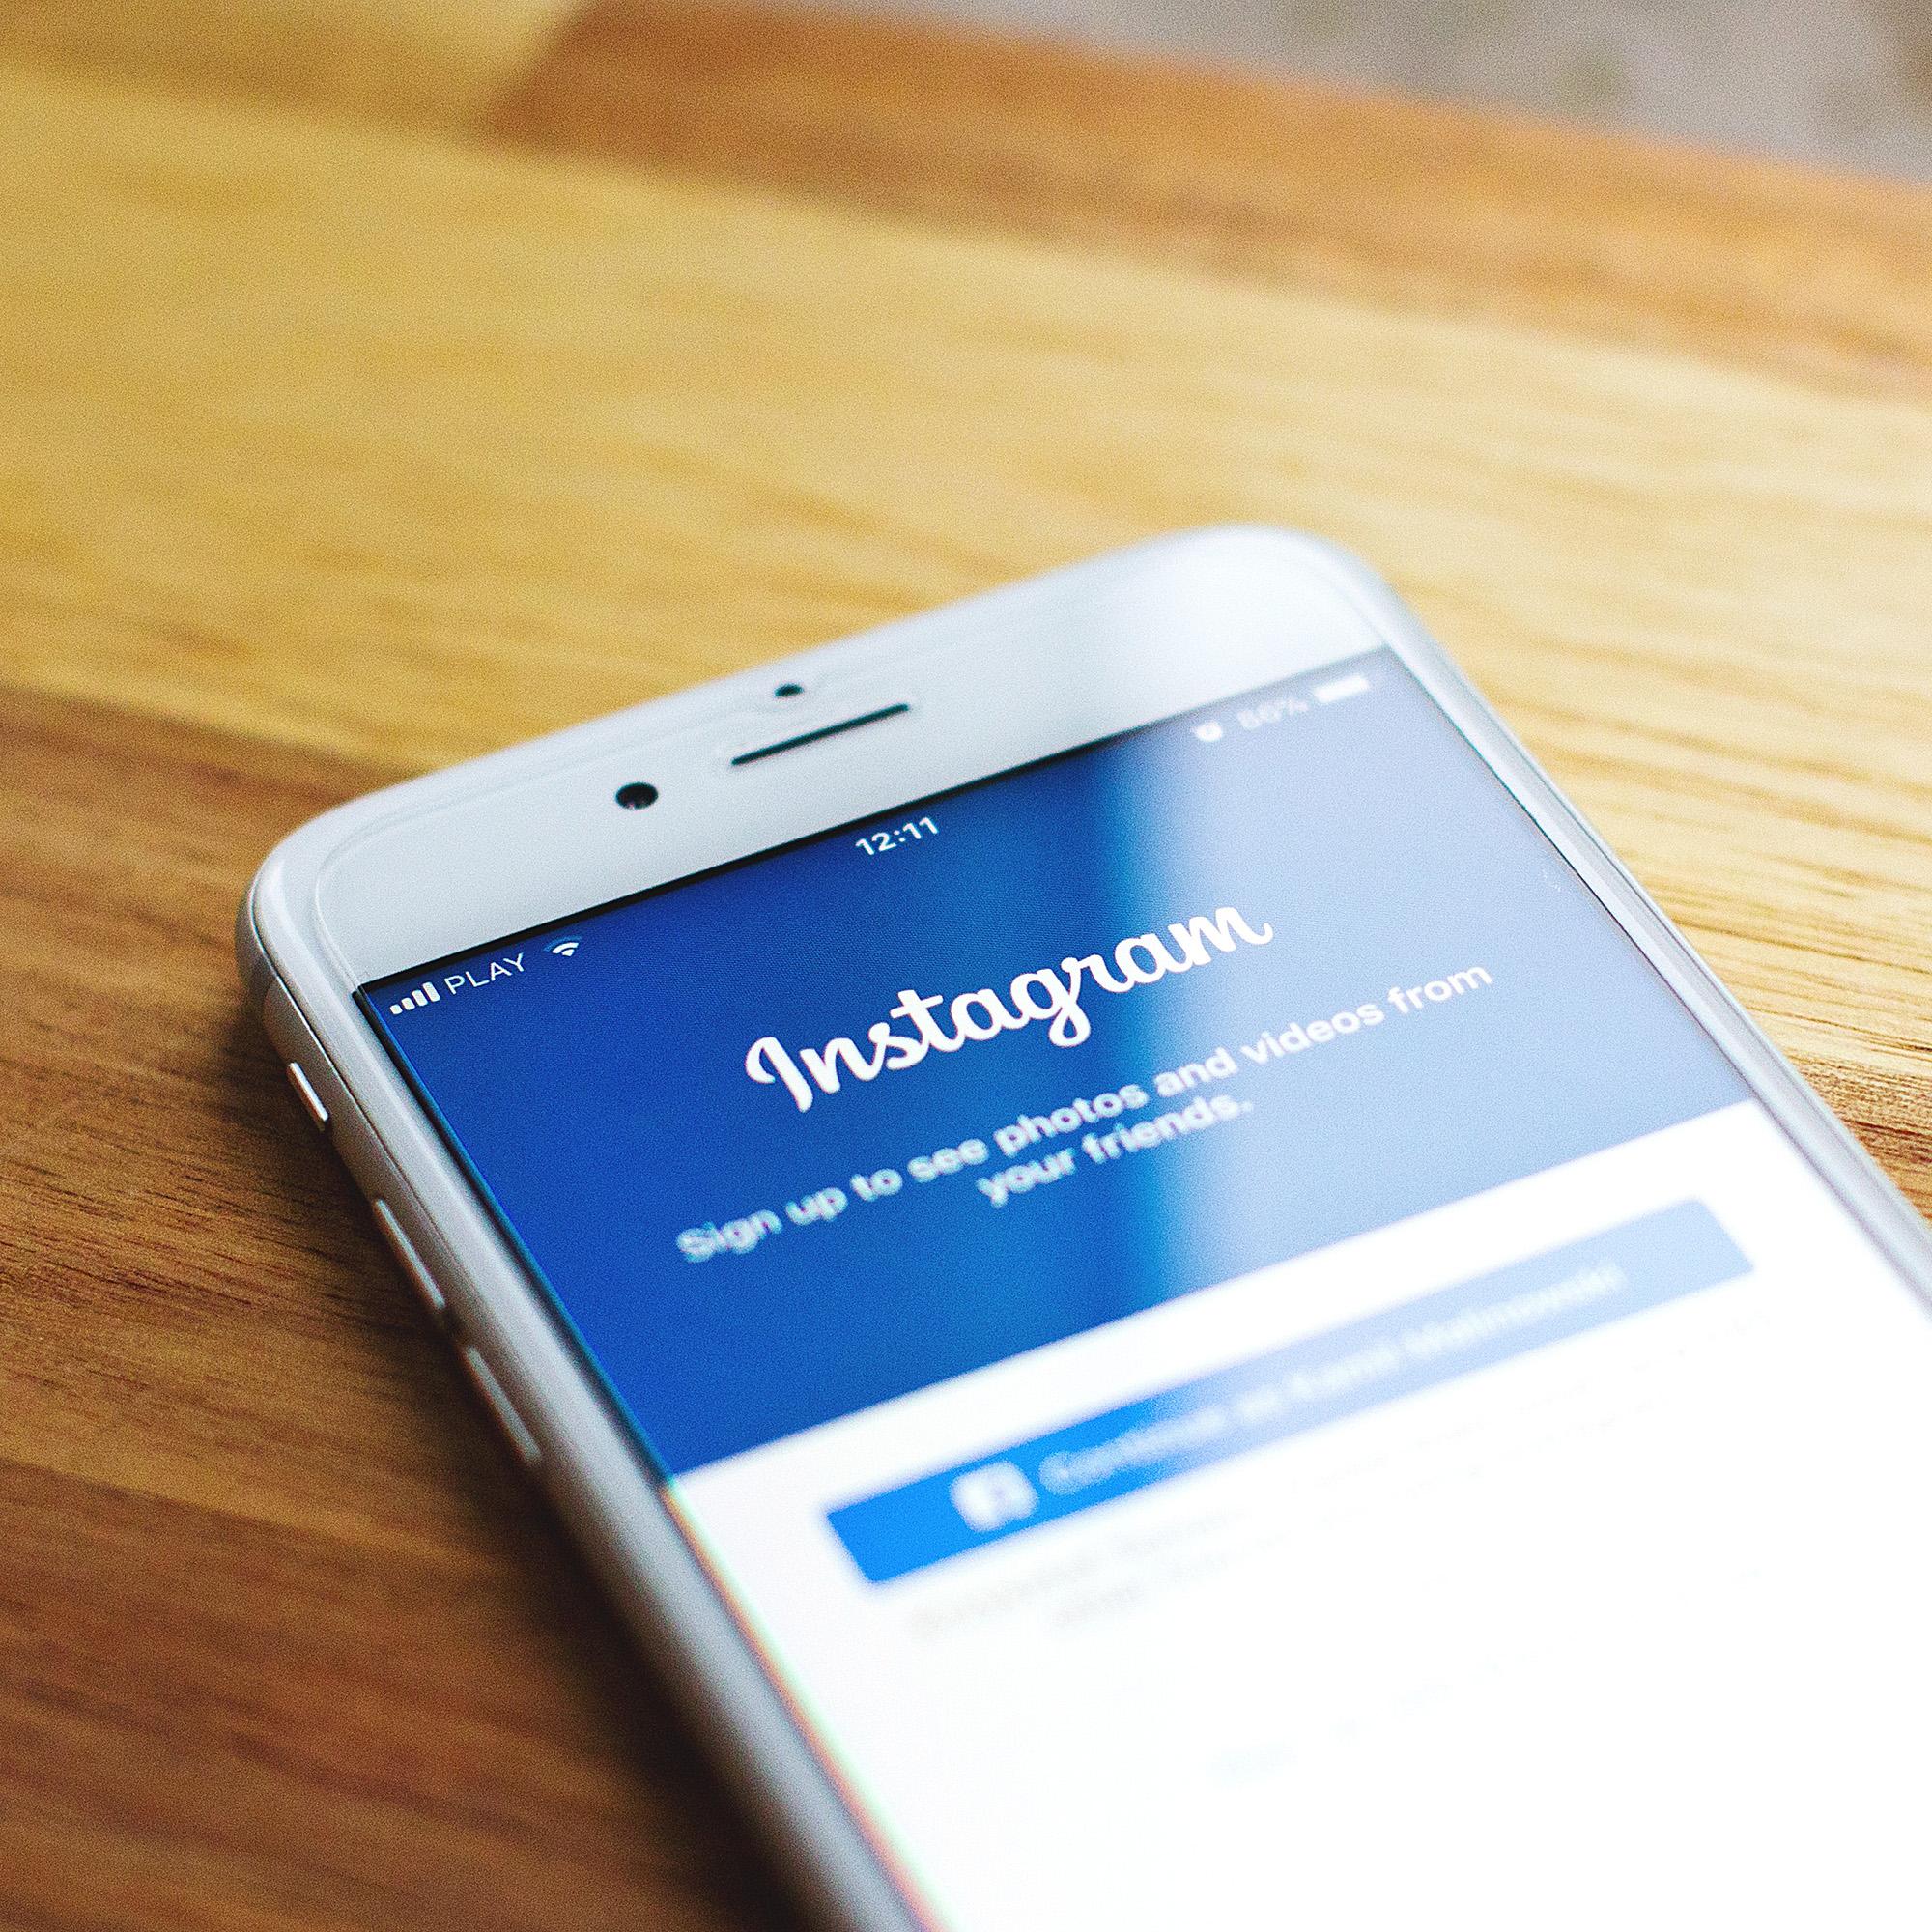 Inilah 4 Hal Penting yang Perlu Kamu Ketahui Mengenai Iklan Instagram - Luarsekolah.com - Artikel di Luarsekolah